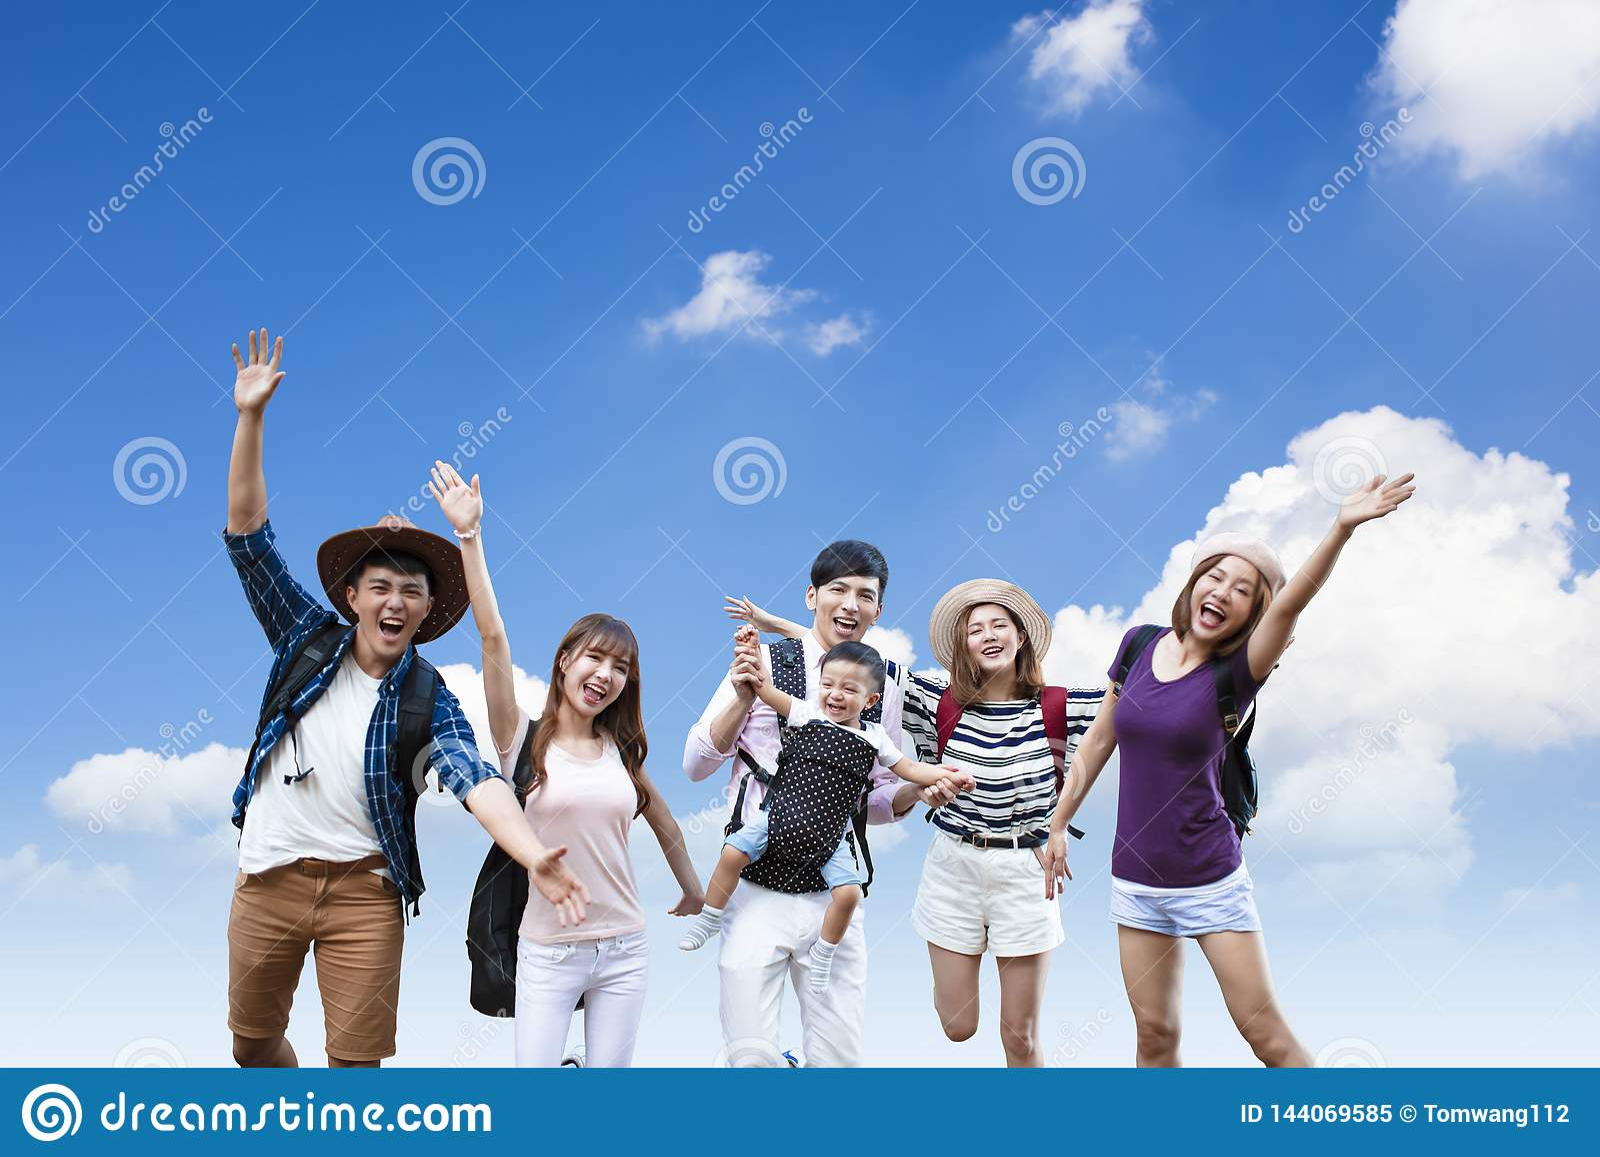 νέοι με τα σακίδια πλάτης που από κοινού